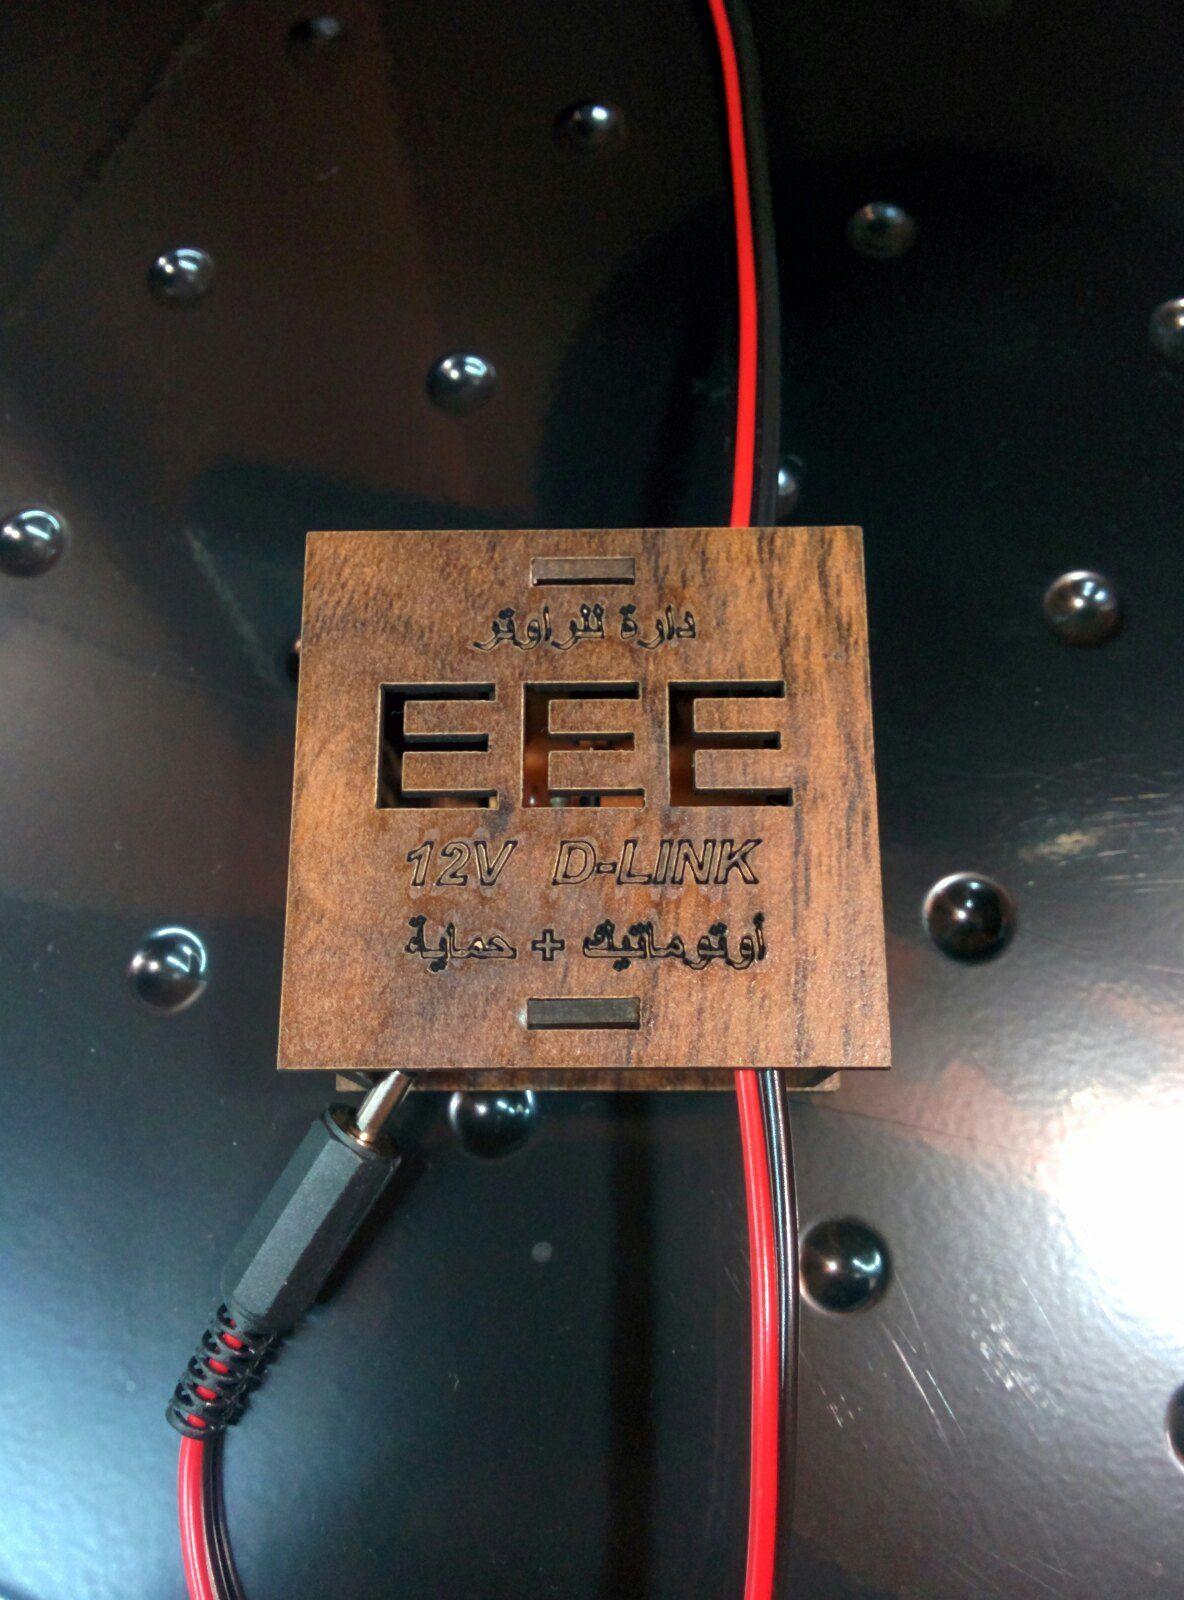 دارة لتشغيل راوتر D-LINK 12V فولت على البطارية مع أتوماتيك وحماية للراوتر ,Other Acc